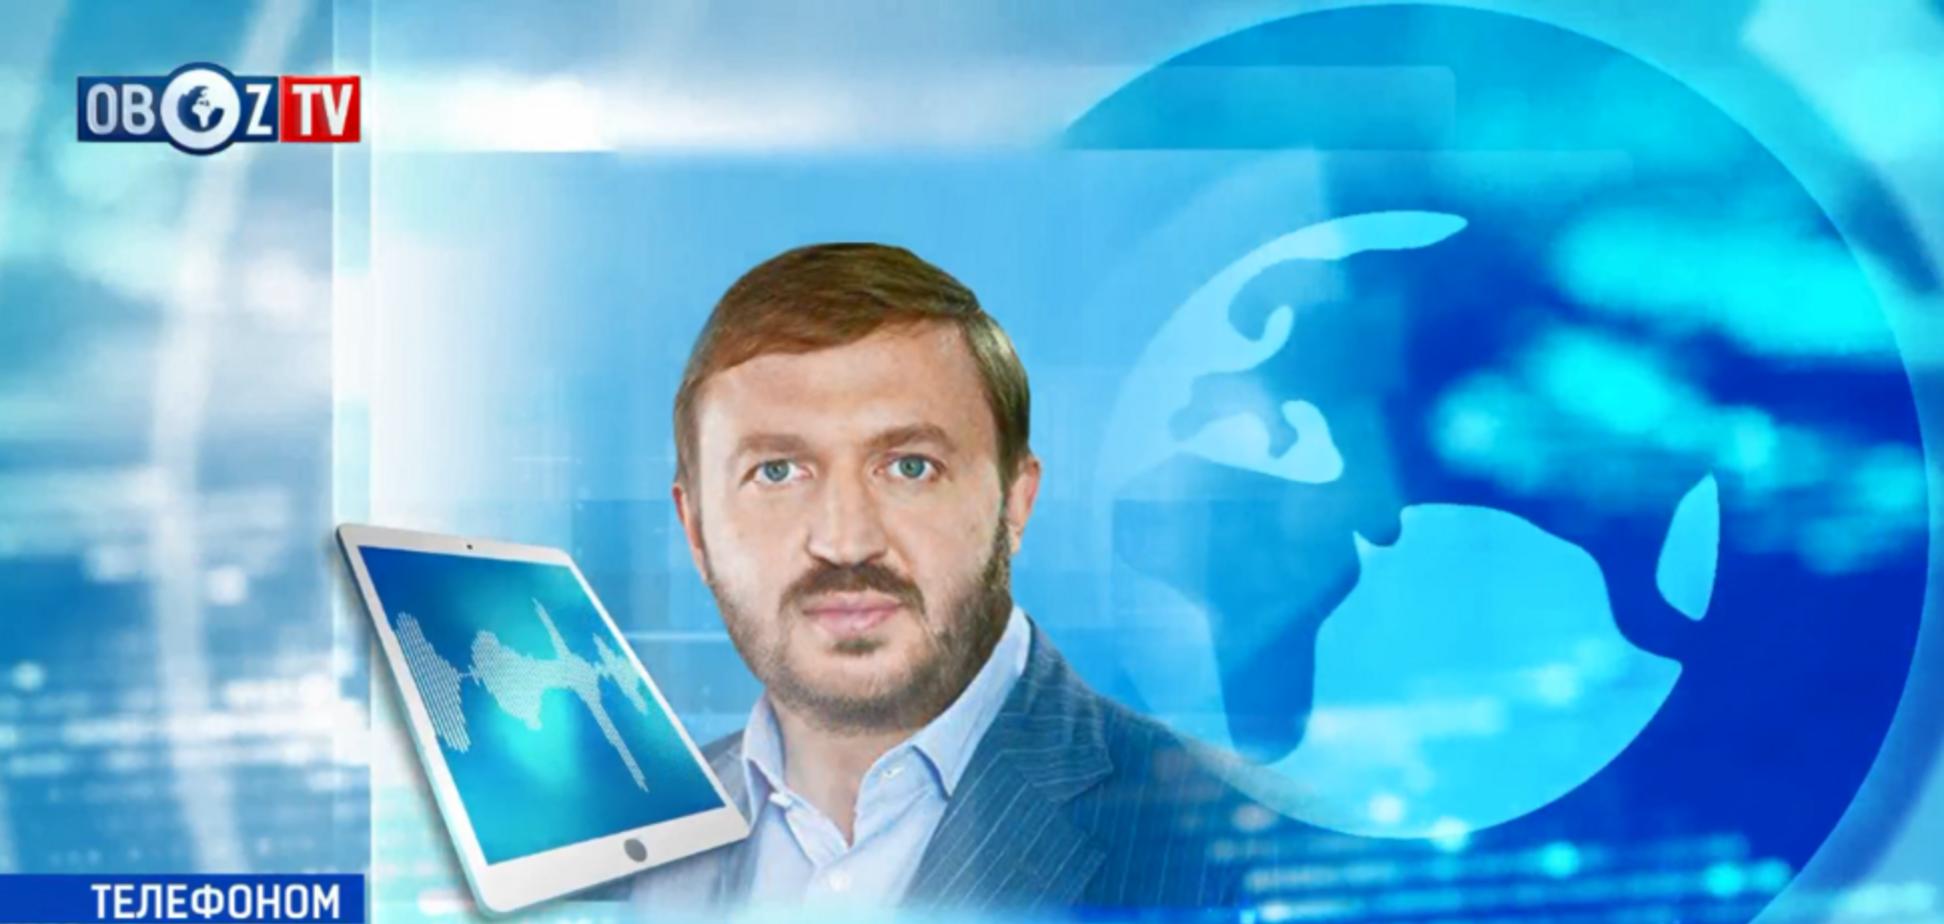 Зеленский задумал легализовать казино: финансист назвал риски